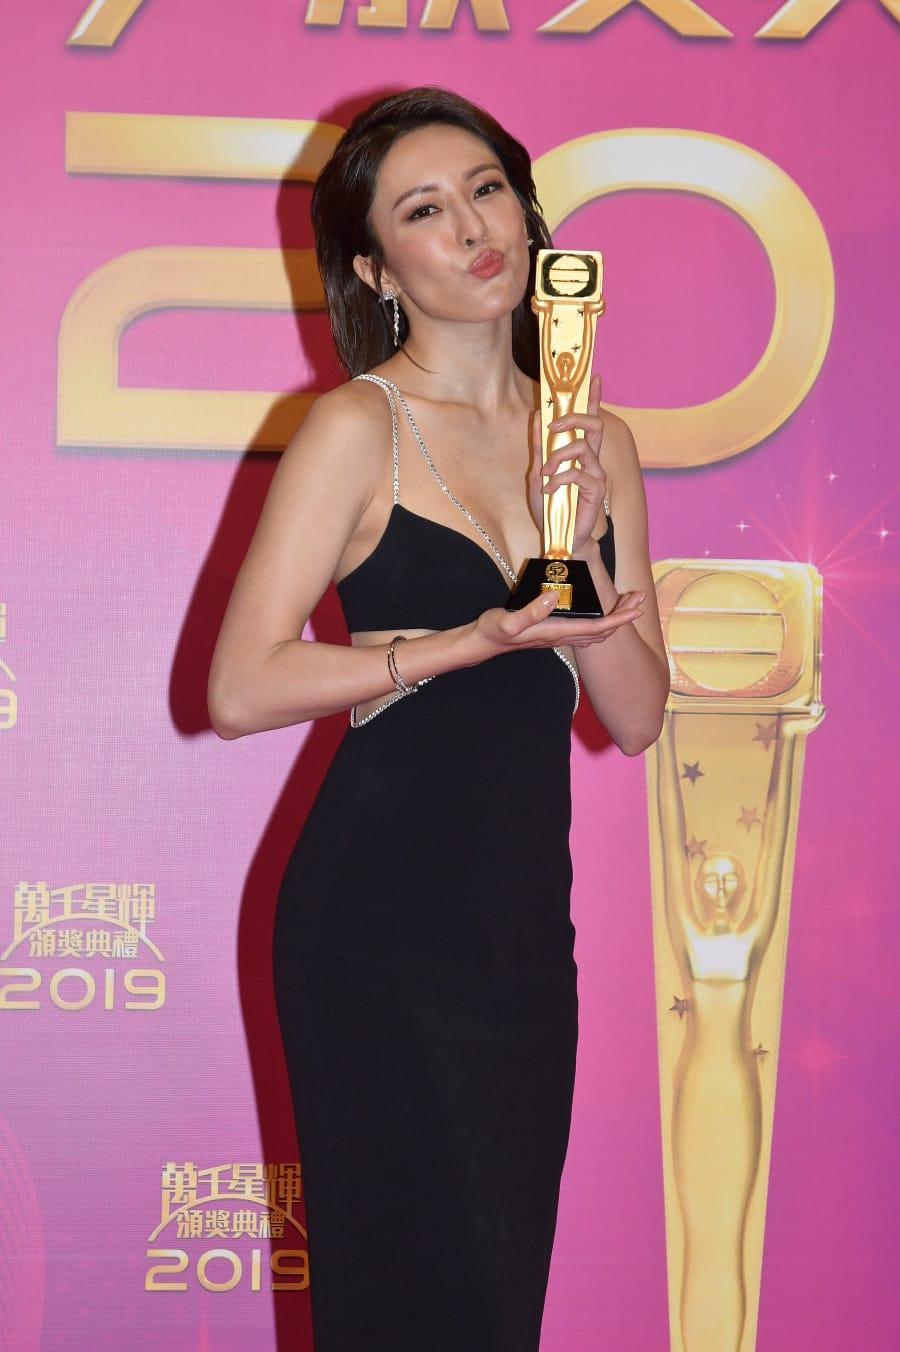 張曦雯勇奪今屆「飛躍進步獎」。